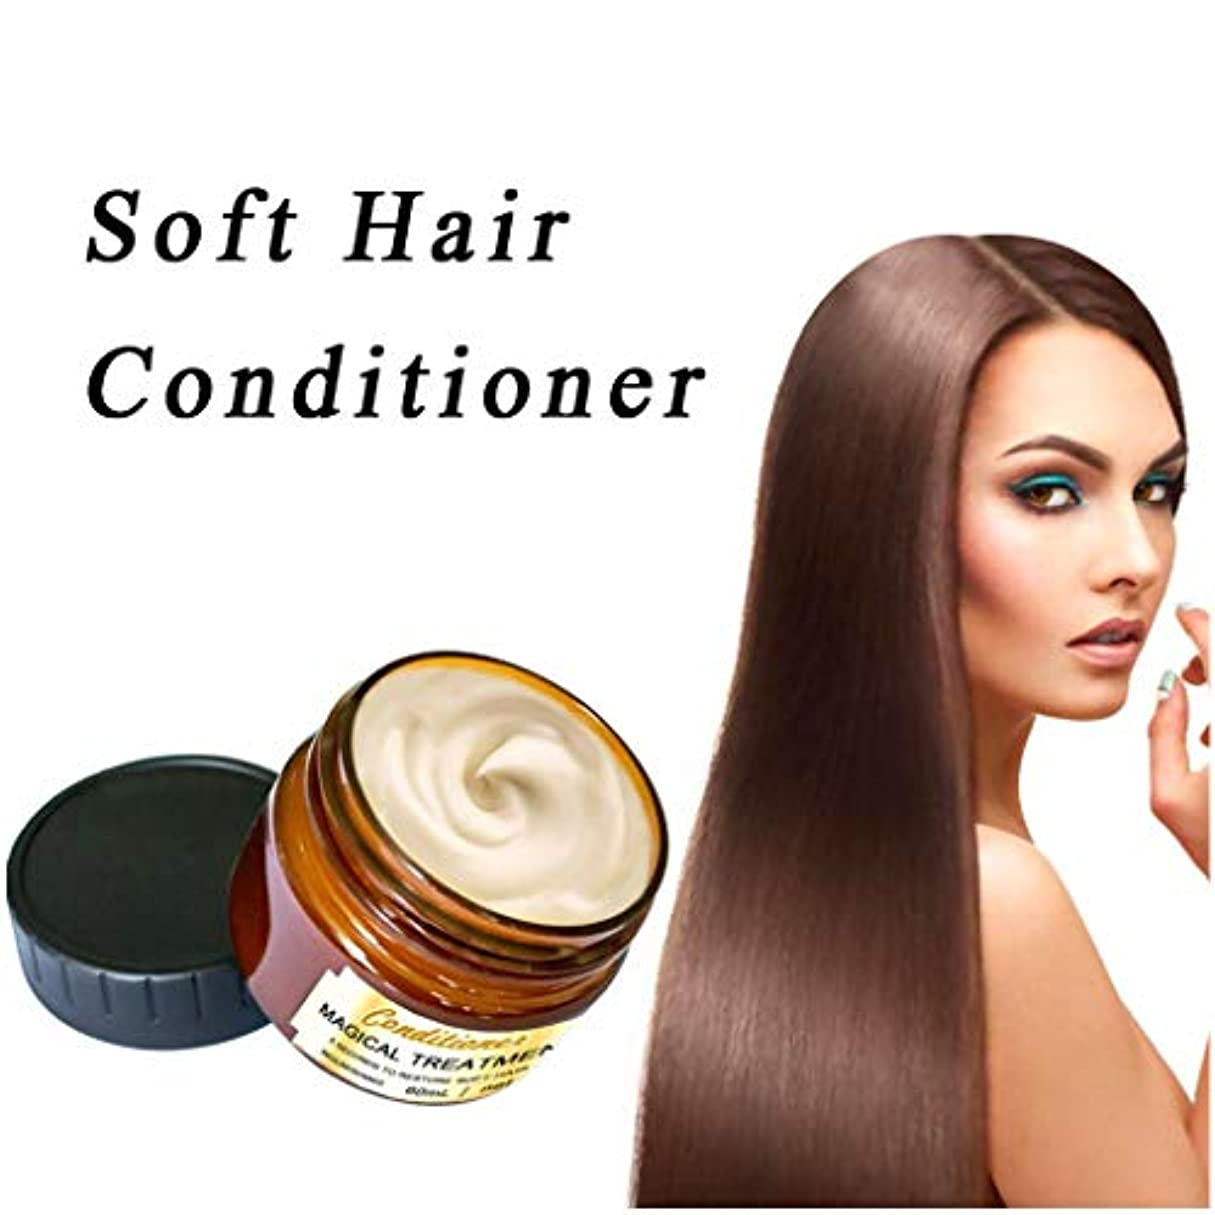 デコードする傑出した狂気DLtime ヘアマスク髪の解毒ヘアマスクディープリペア軟膏すべてのヘアスタイルを修正(60ML)コンディショナー高度な分子毛根治療柔らかい髪ケラチン修復髪傷んだ髪を修復するヘアマスクの修理保湿髪けがのケア髪を滑らかにします...